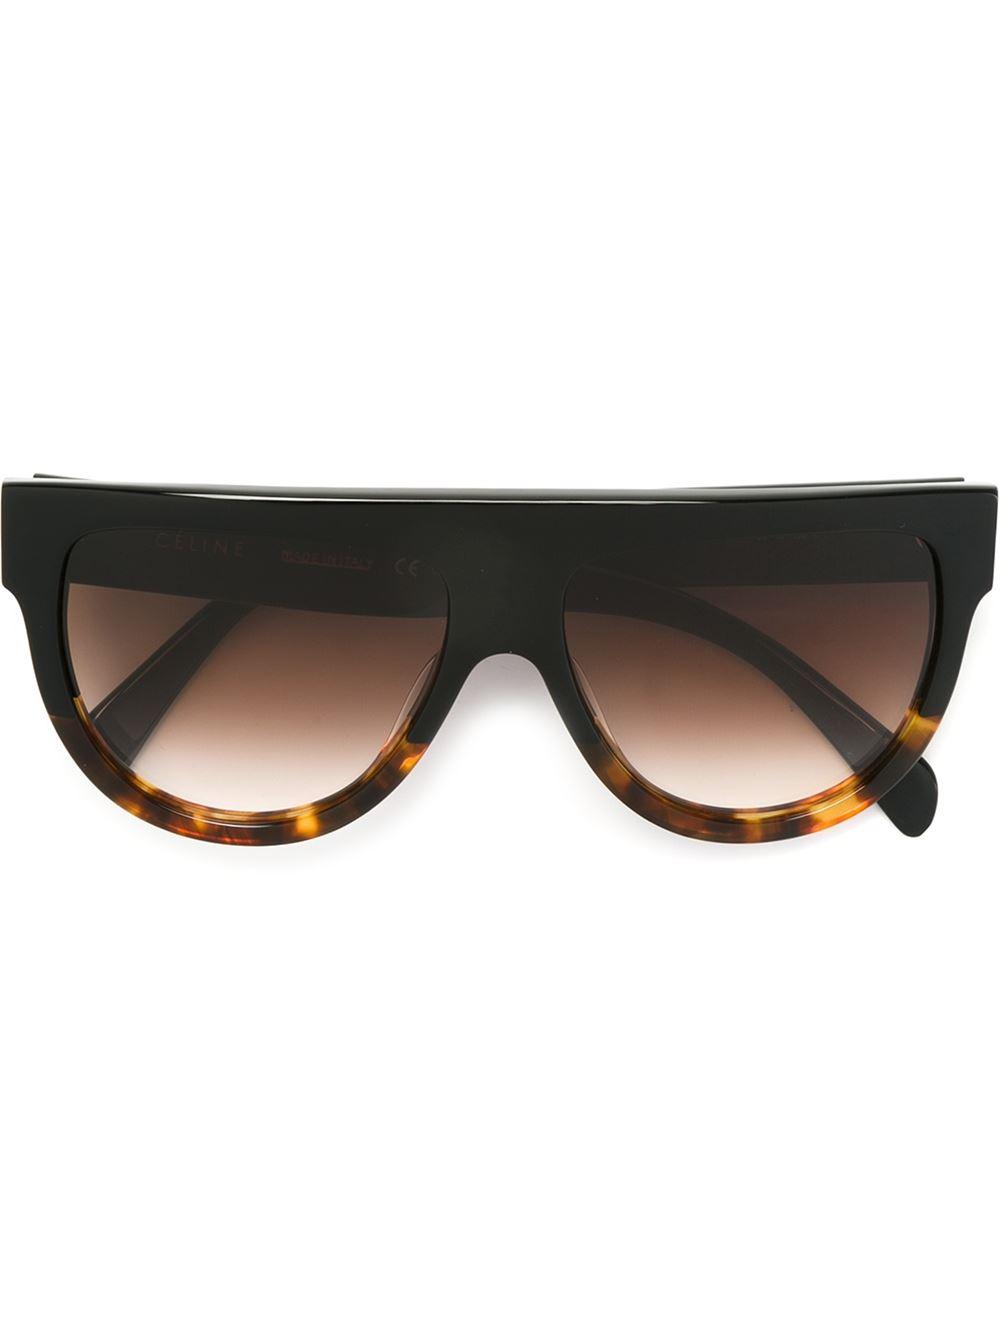 bf9b299a8 Céline Eyewear 'Shadow' Sunglasses - Farfetch